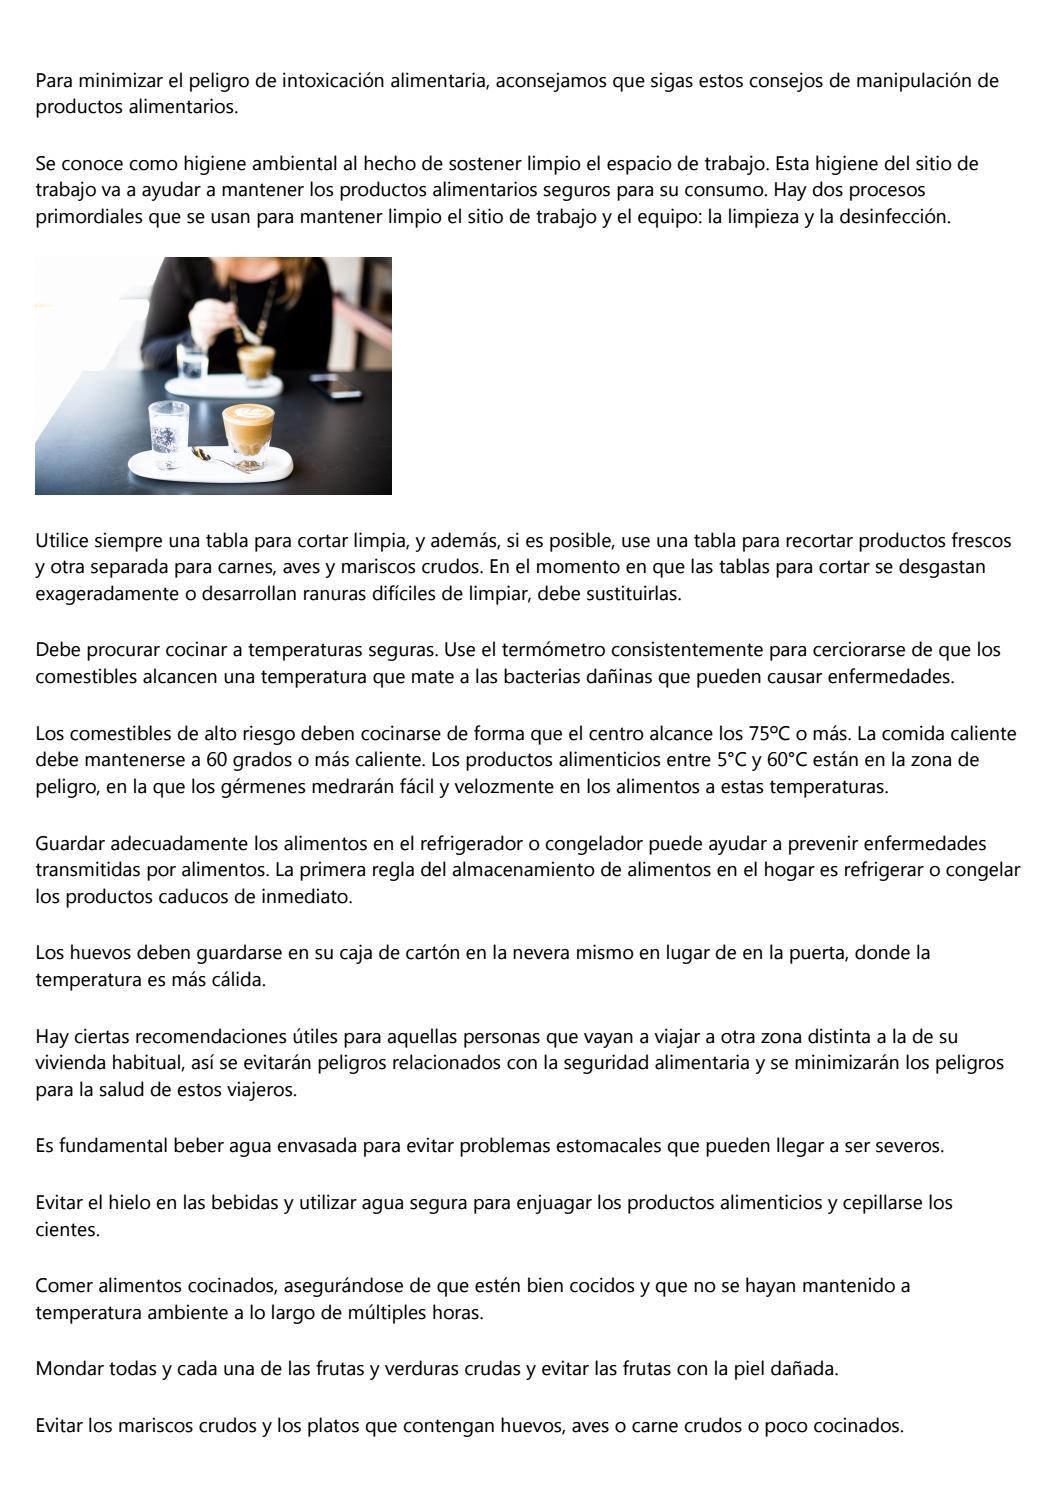 Practicas Adecuadas De Seguridad De Los Alimentos By Fernando4q9a Issuu Este documento ha sido generado para los medios de comunicación con trascendencia a nivel nacional, líderes de opinión y tomadores de decisiones con el fin de informar sobre tendencias e indicadores laborales dur. issuu